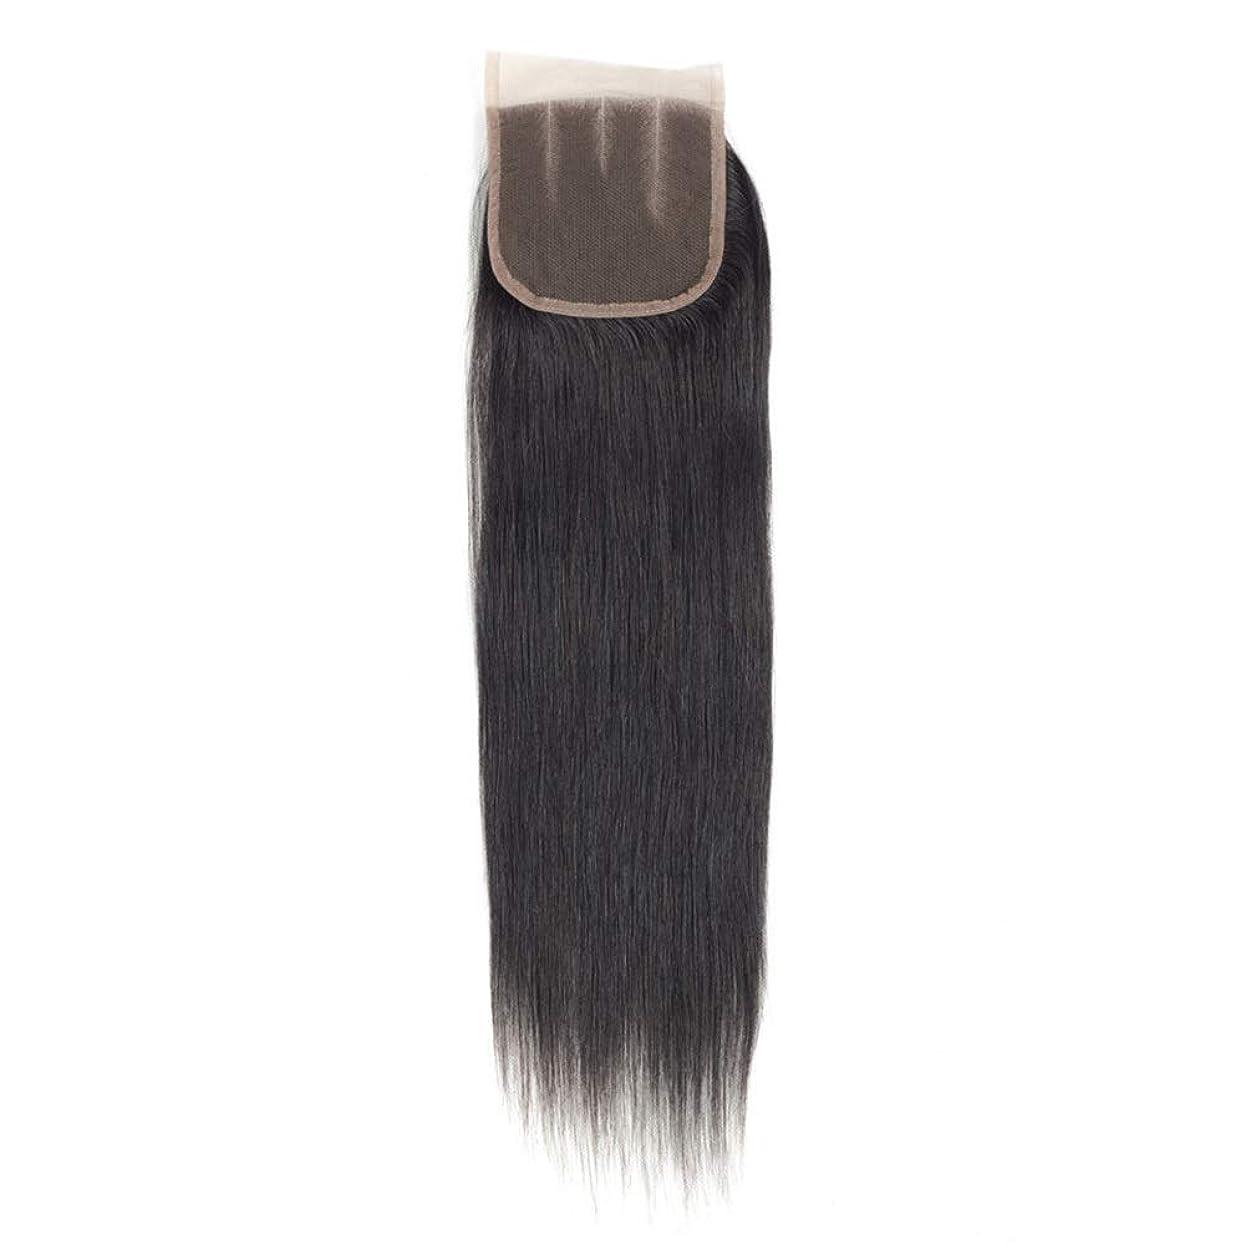 割り当てます炭素予知Isikawan ナチュラルカラー4×4ディープ3パートストレートレース閉鎖ブラジル100%人毛の閉鎖 (色 : ブラック, サイズ : 18 inch)